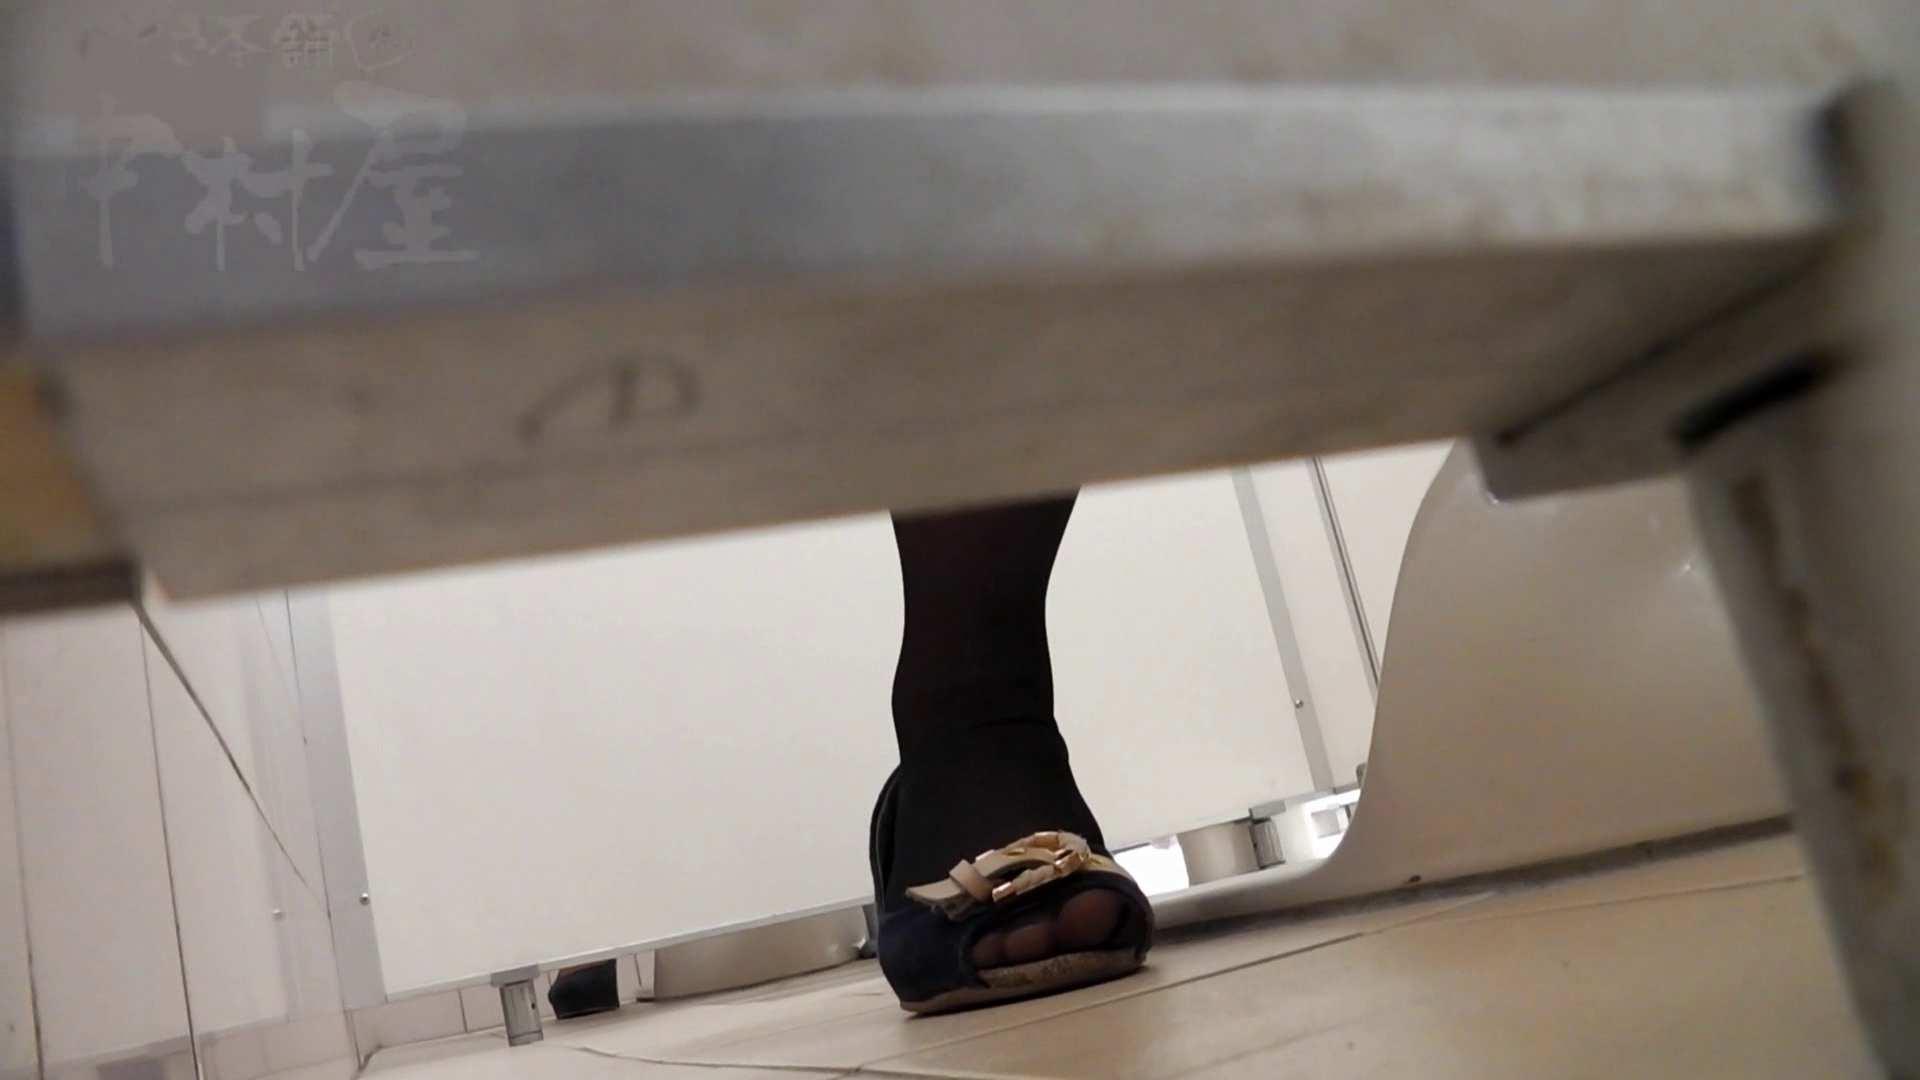 美しい日本の未来 No.06 更に侵入フロント究極な画質 盗撮大放出 | 0  76連発 21